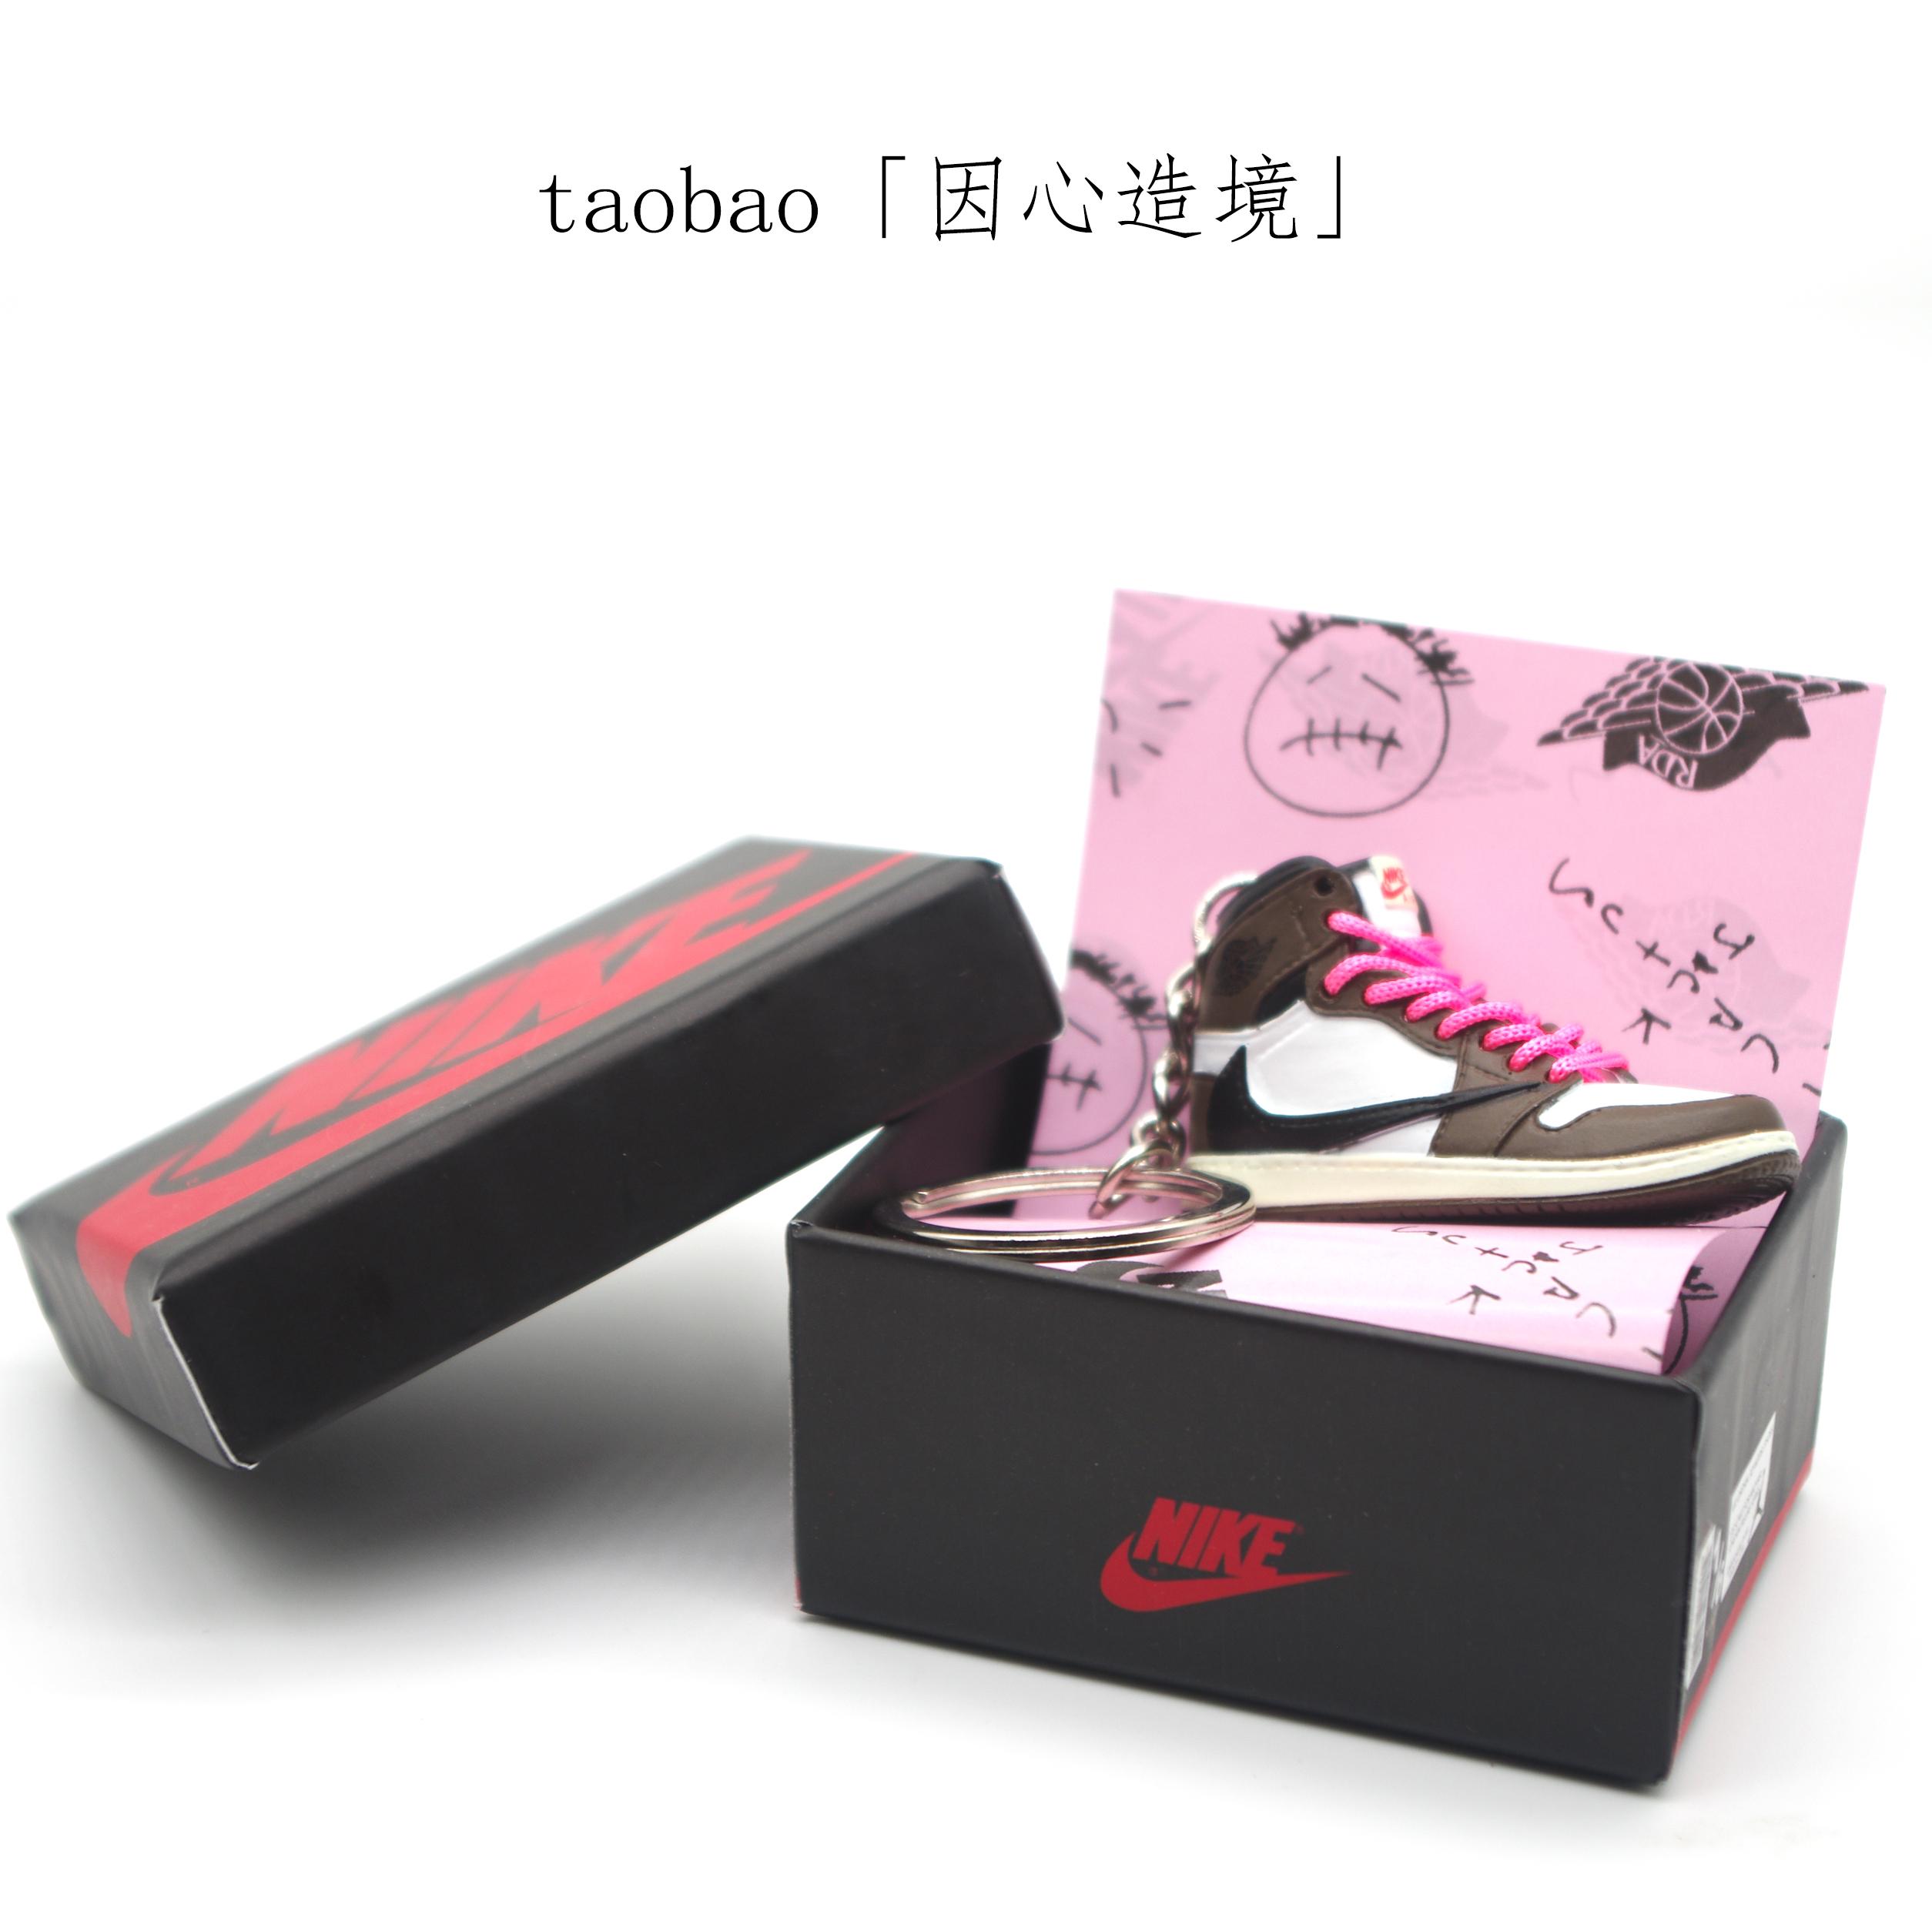 满1元可用1元优惠券创意AJ1倒钩钥匙扣手办TS鬼脸联名3D立体球鞋模型包挂件情侣礼物